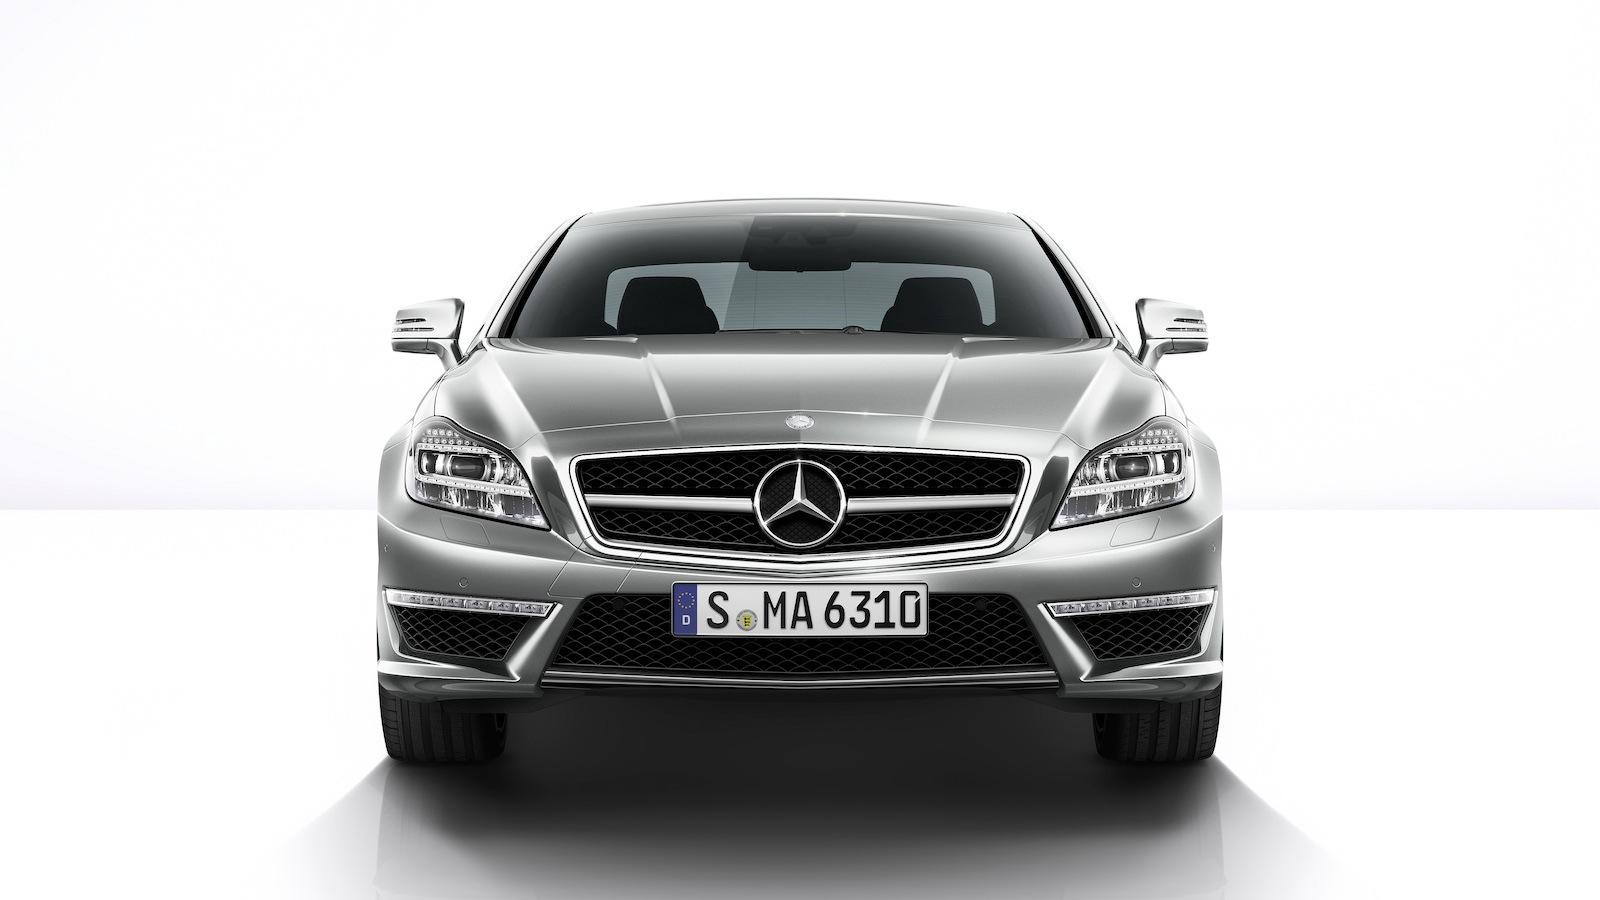 2014 Mercedes-Benz CLS63 AMG 4Matic